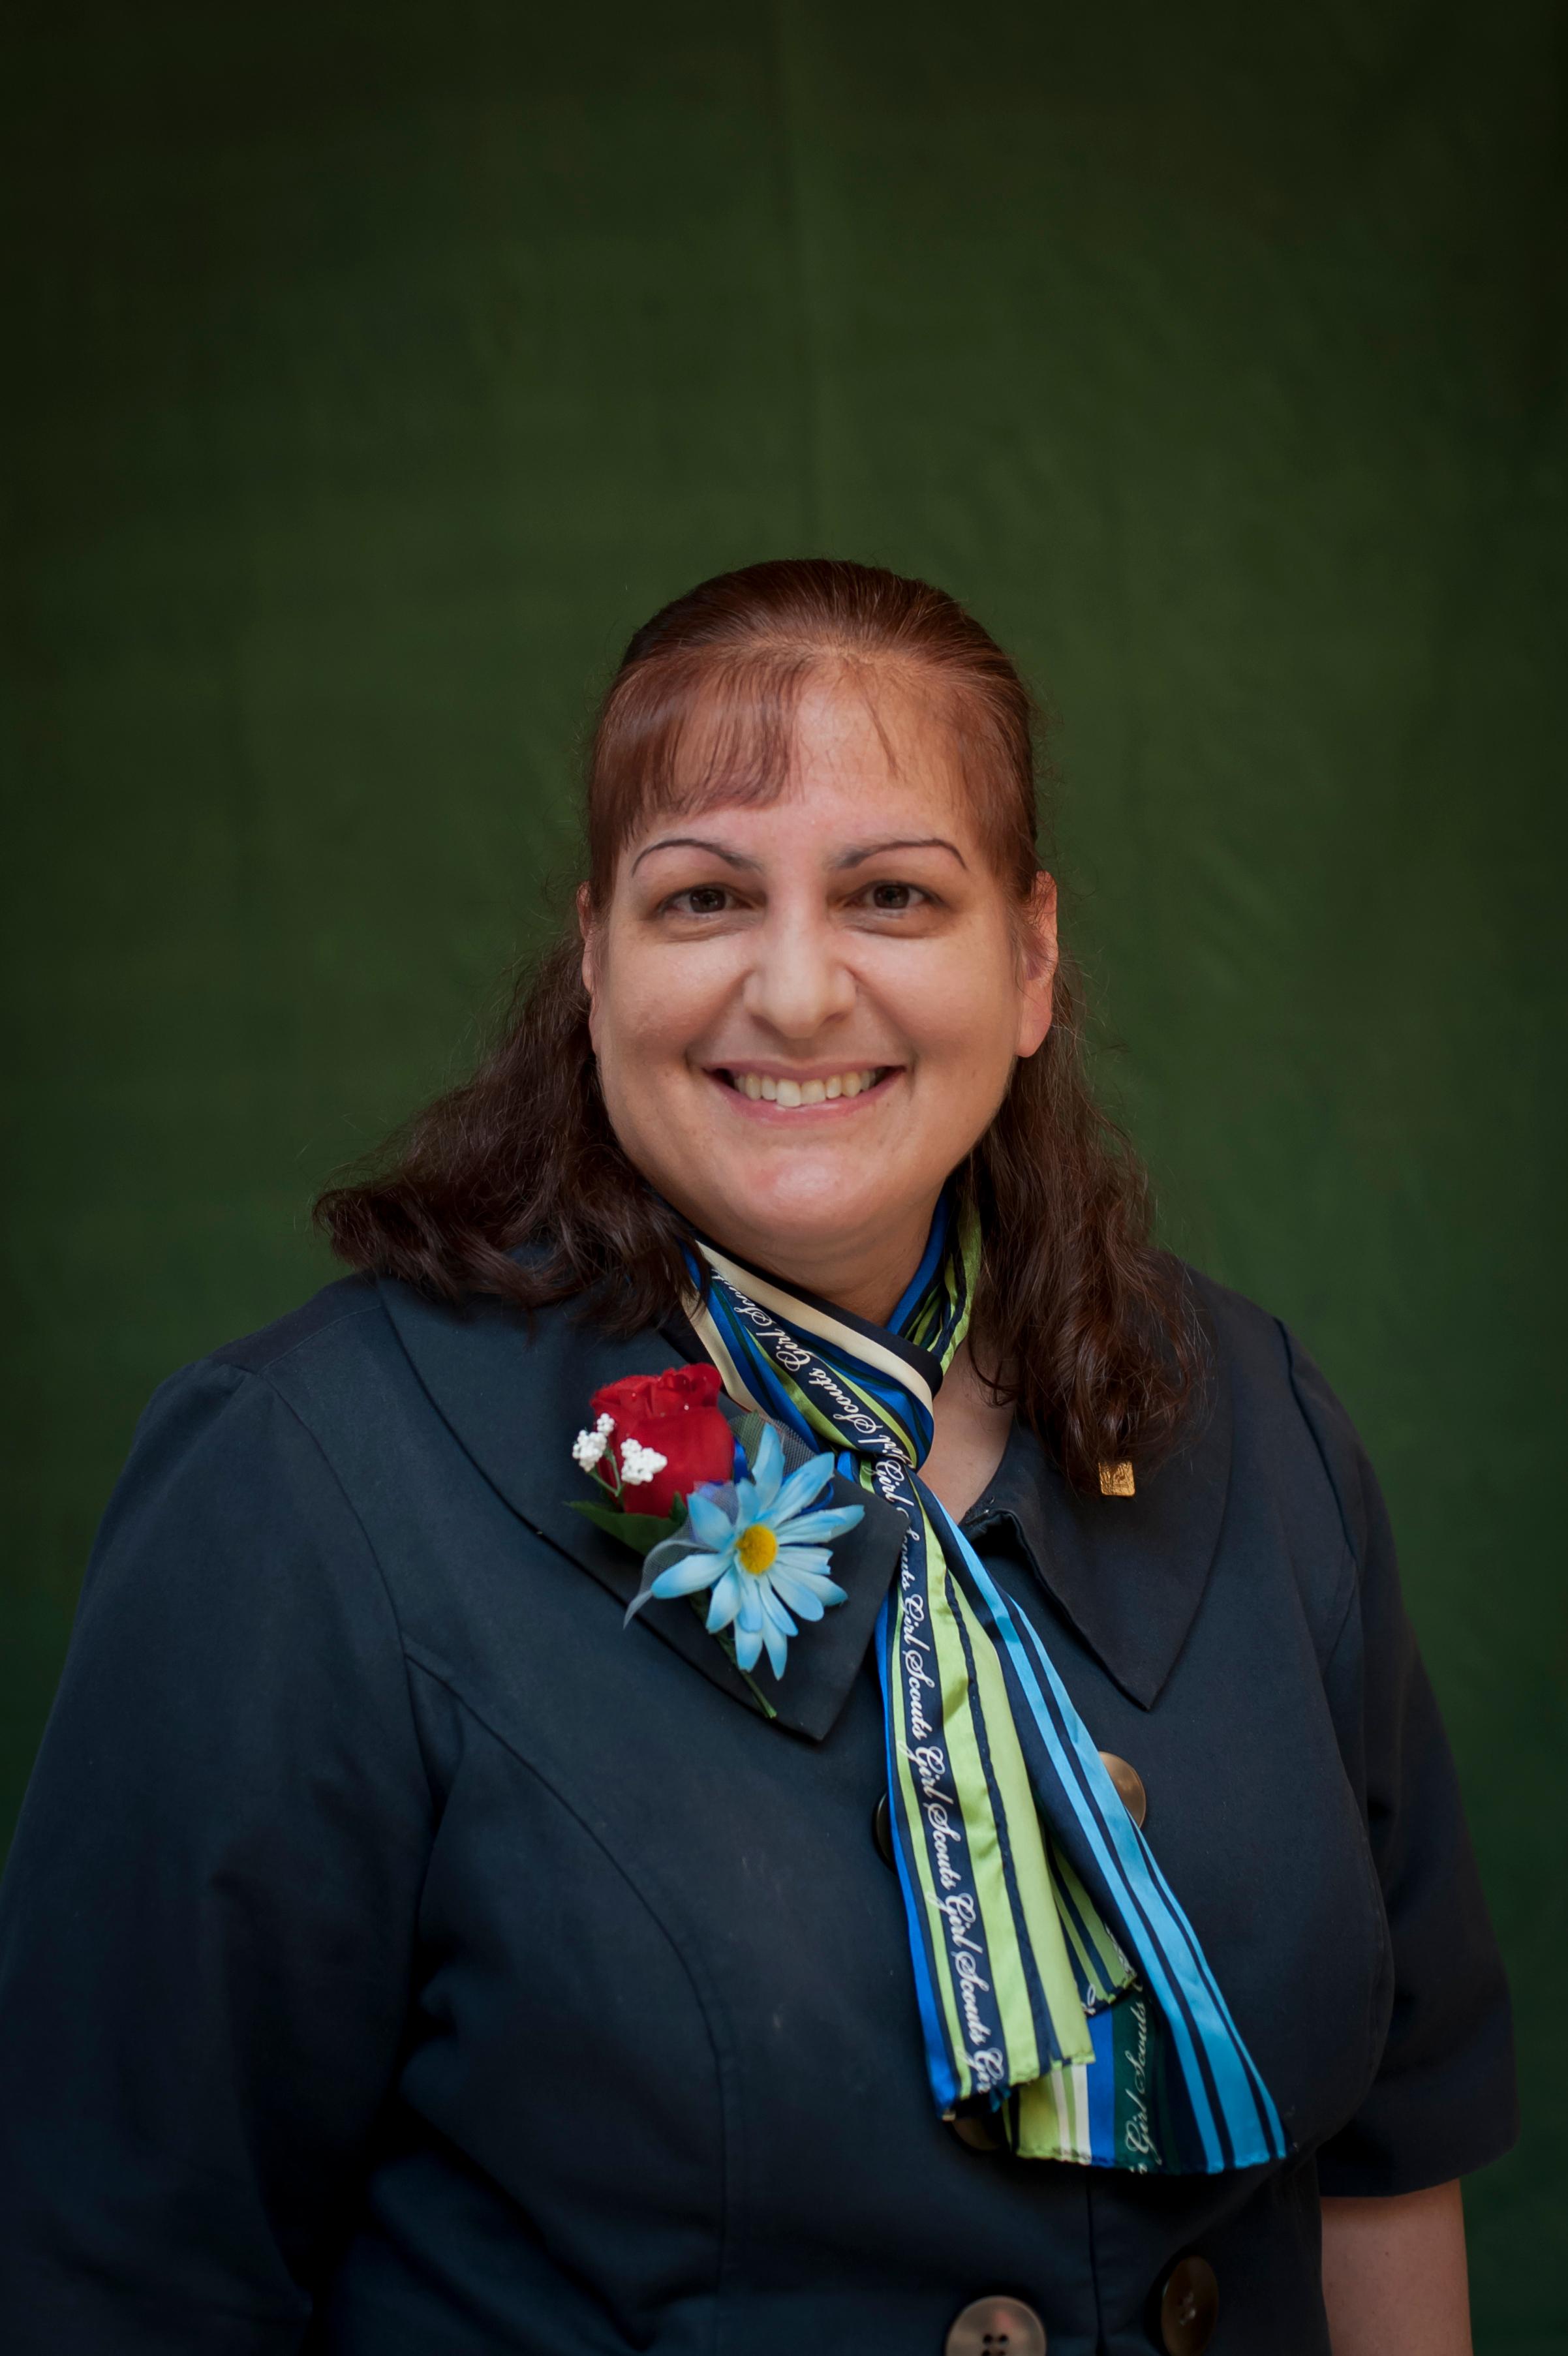 Kathy Ossian